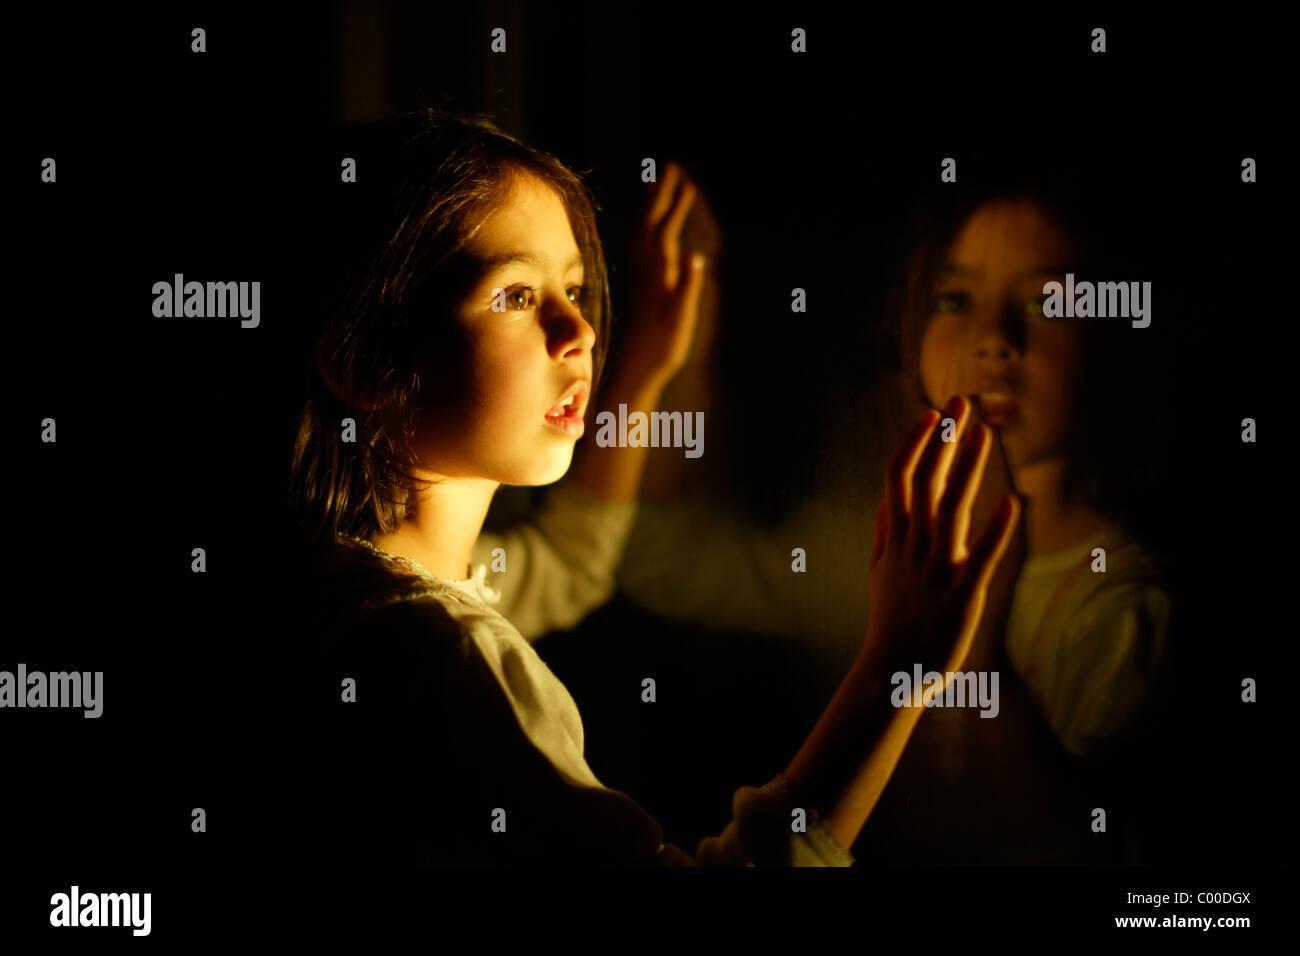 Ragazza di notte con finestra riflessione Immagini Stock